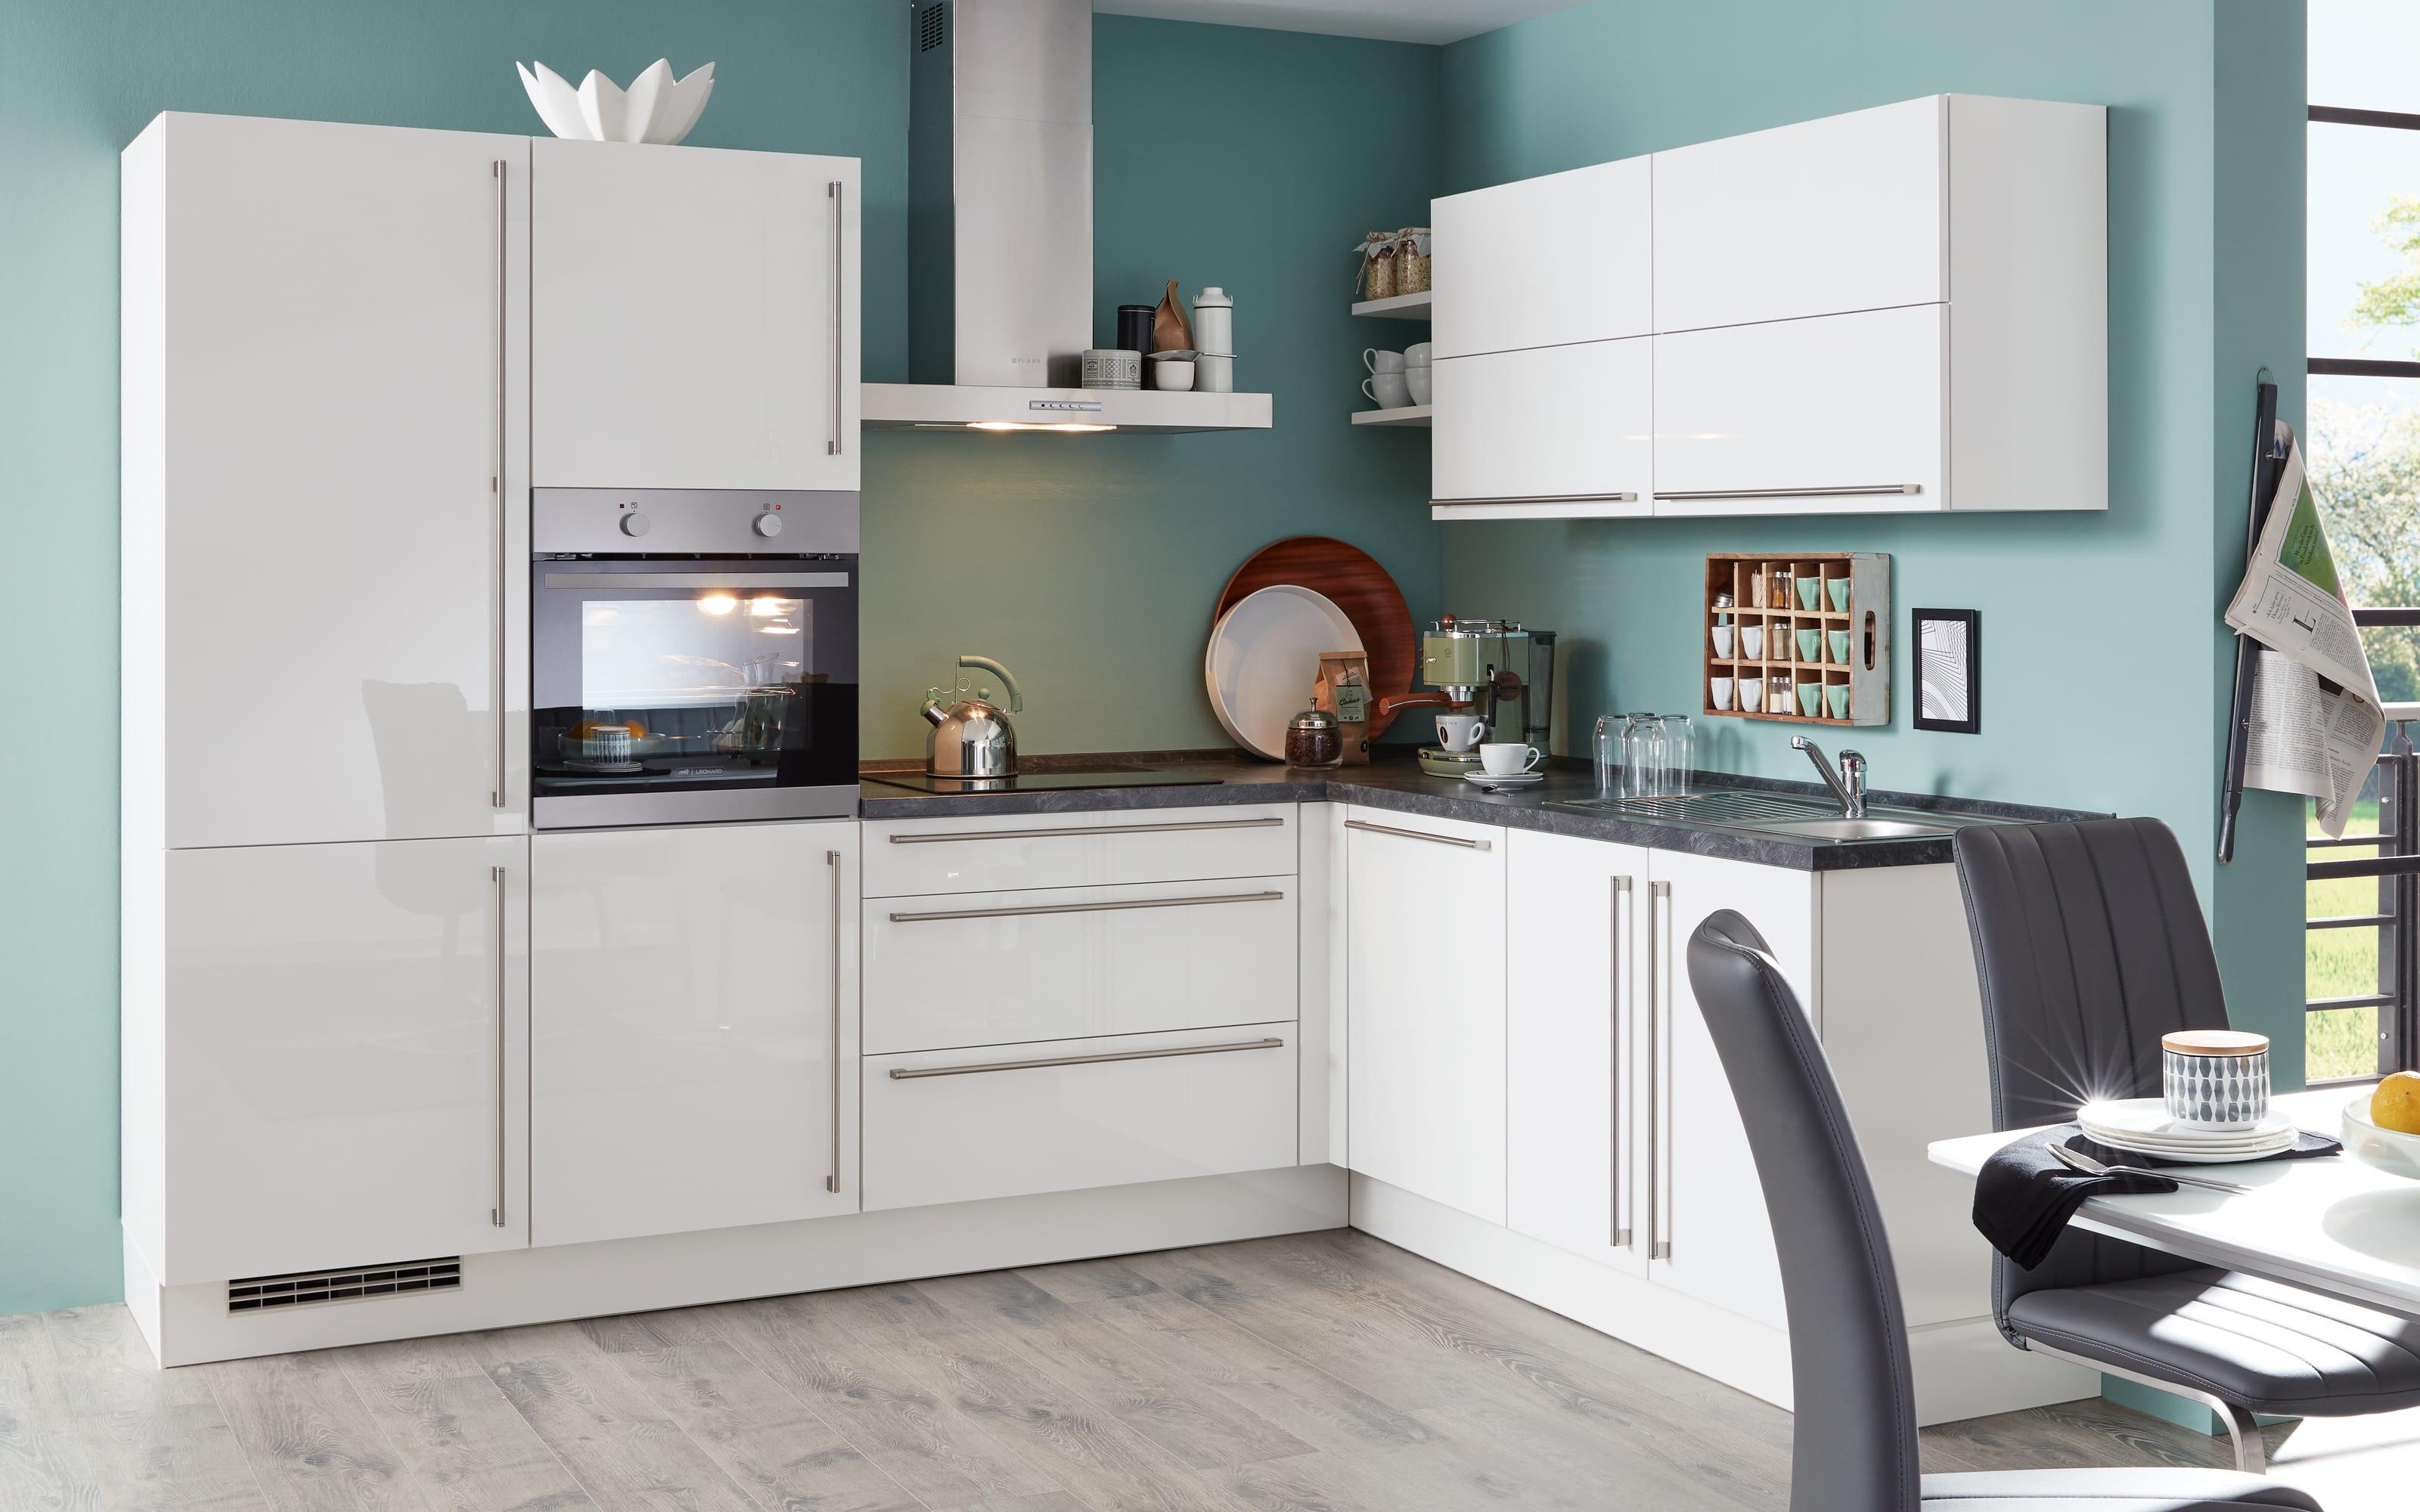 Einbauküche Flash, Lacklaminat Hochglanz weiß, inklusive Elektrogeräte